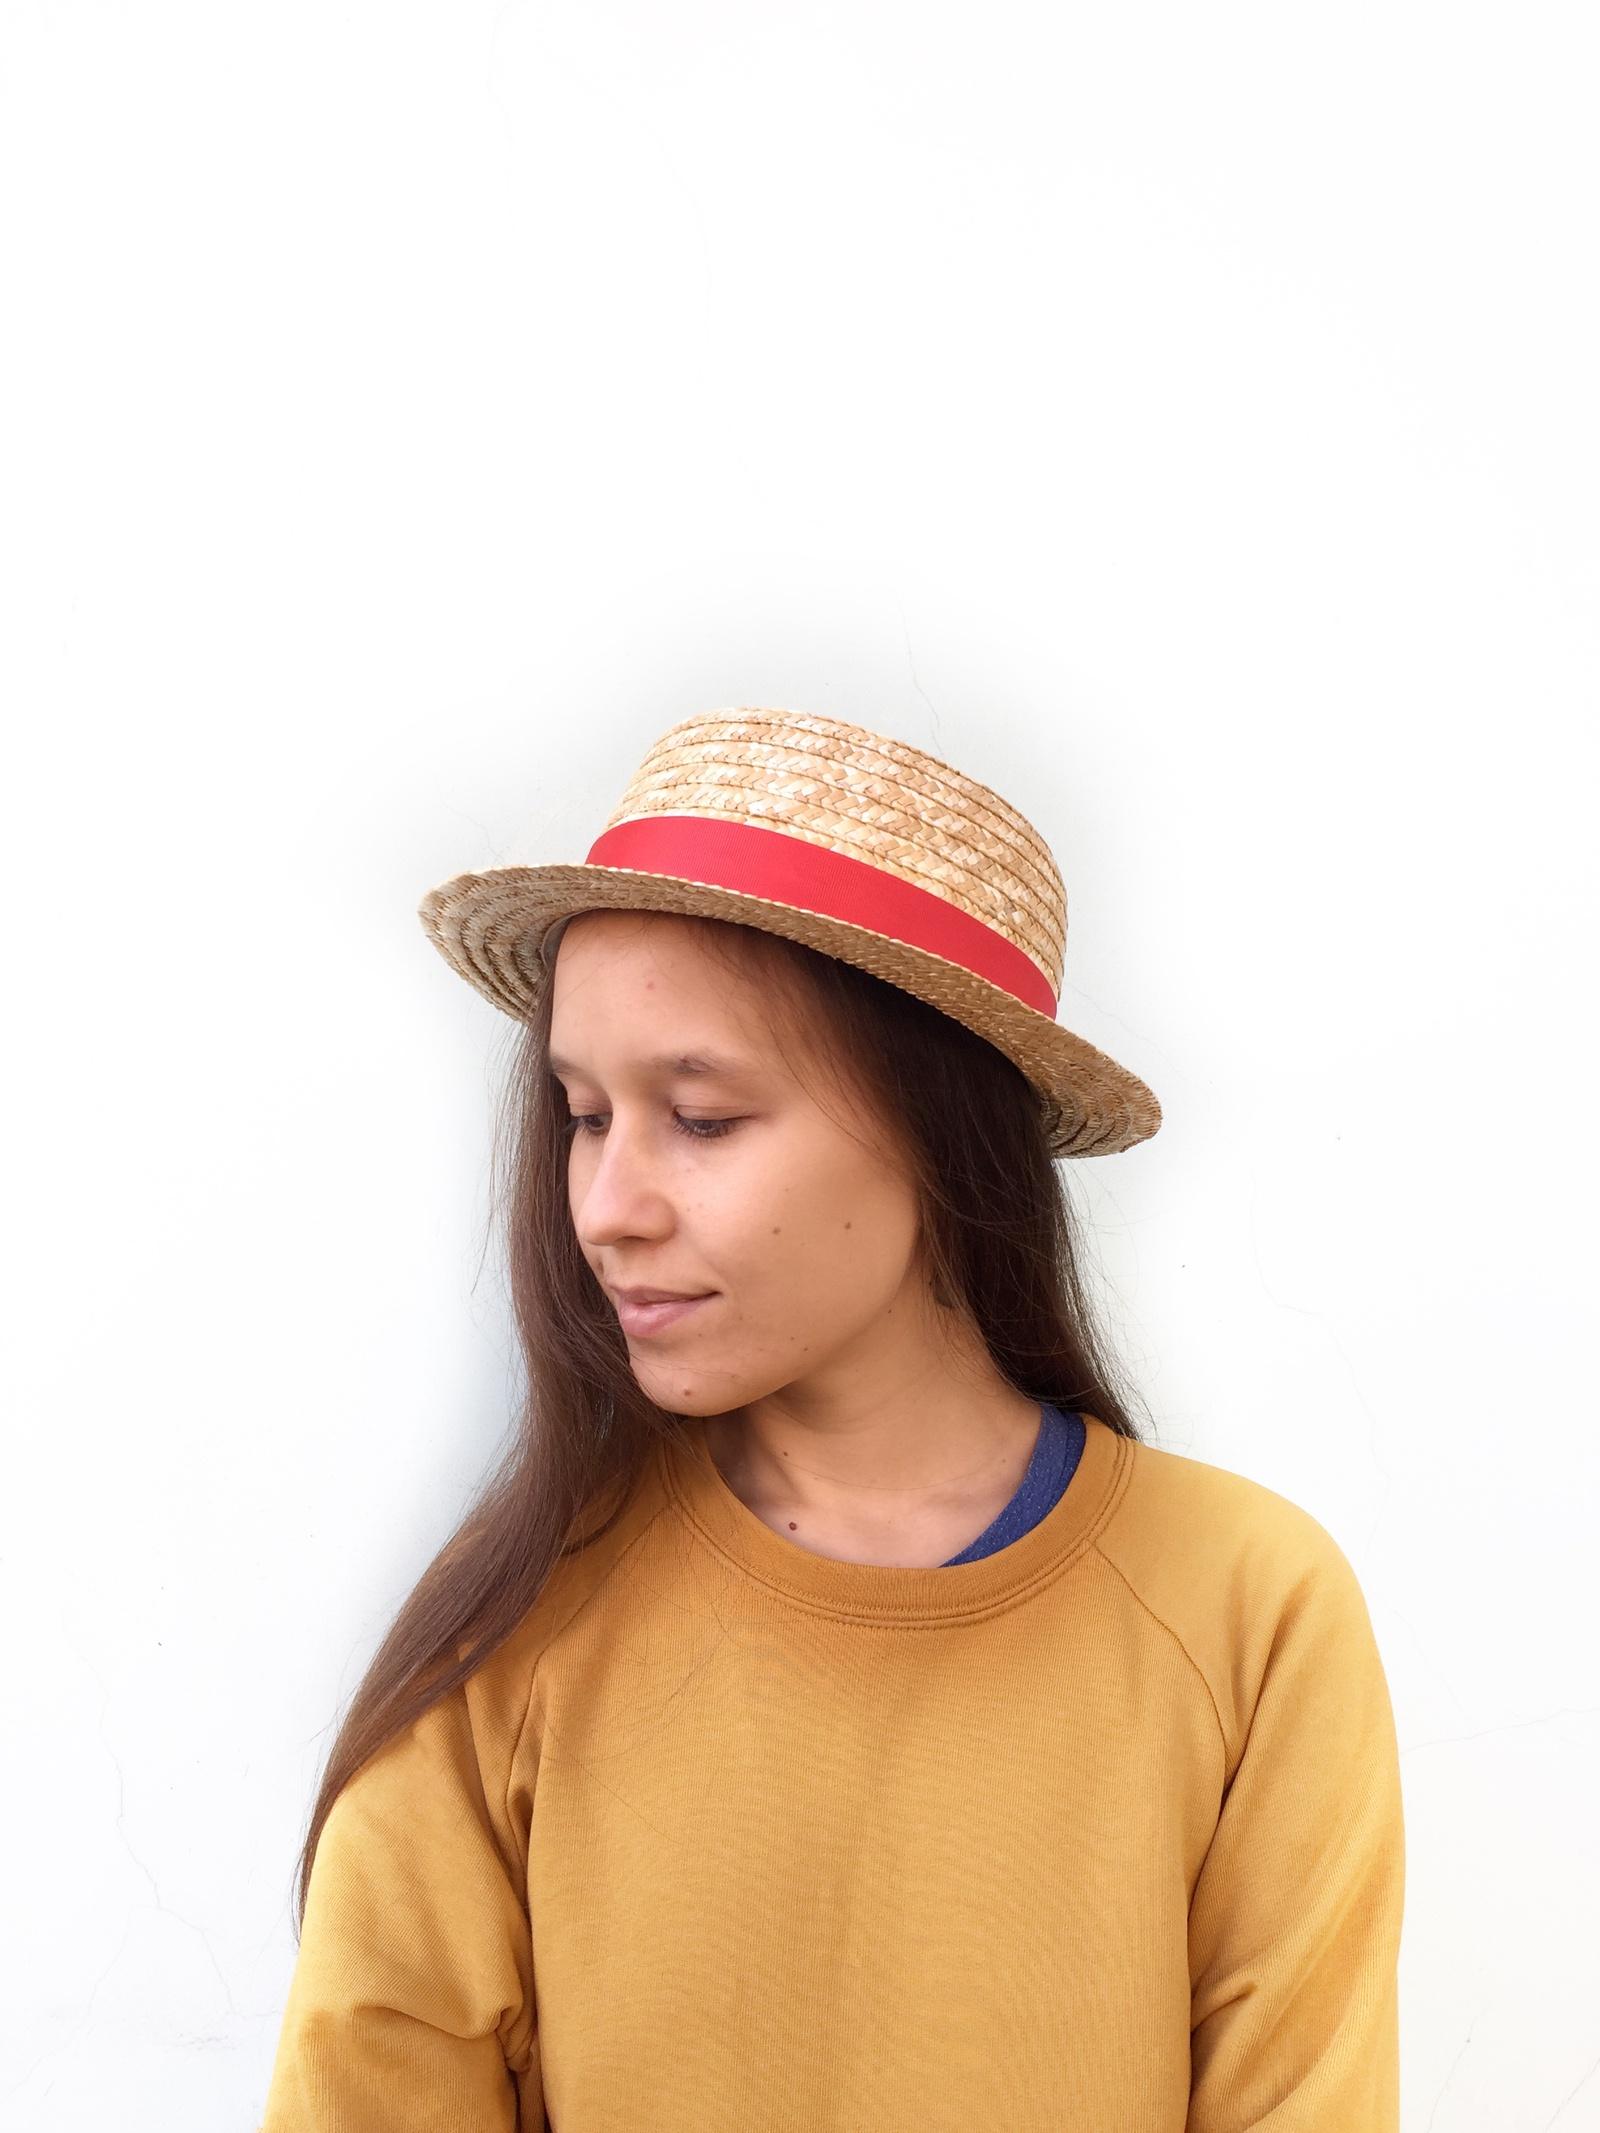 Соломенная шляпа Solomahat шляпа для игрушек 3488159 размер 10 см красный